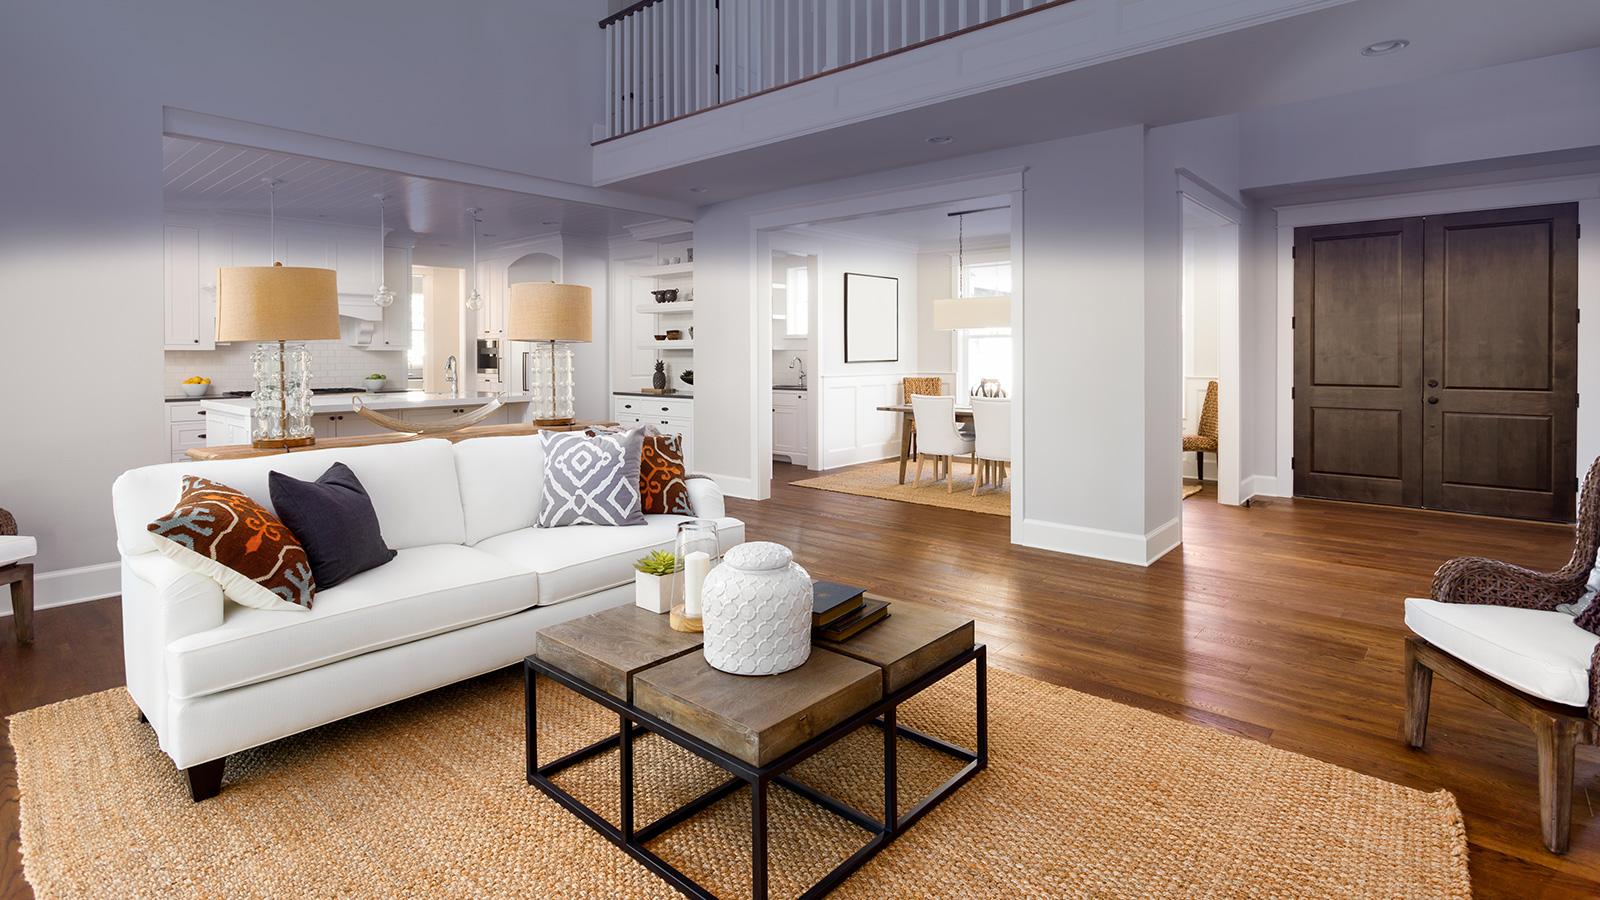 Sevilla inmobiliaria pisos en venta en zonas de sevilla for Alquiler de casas en marinaleda sevilla